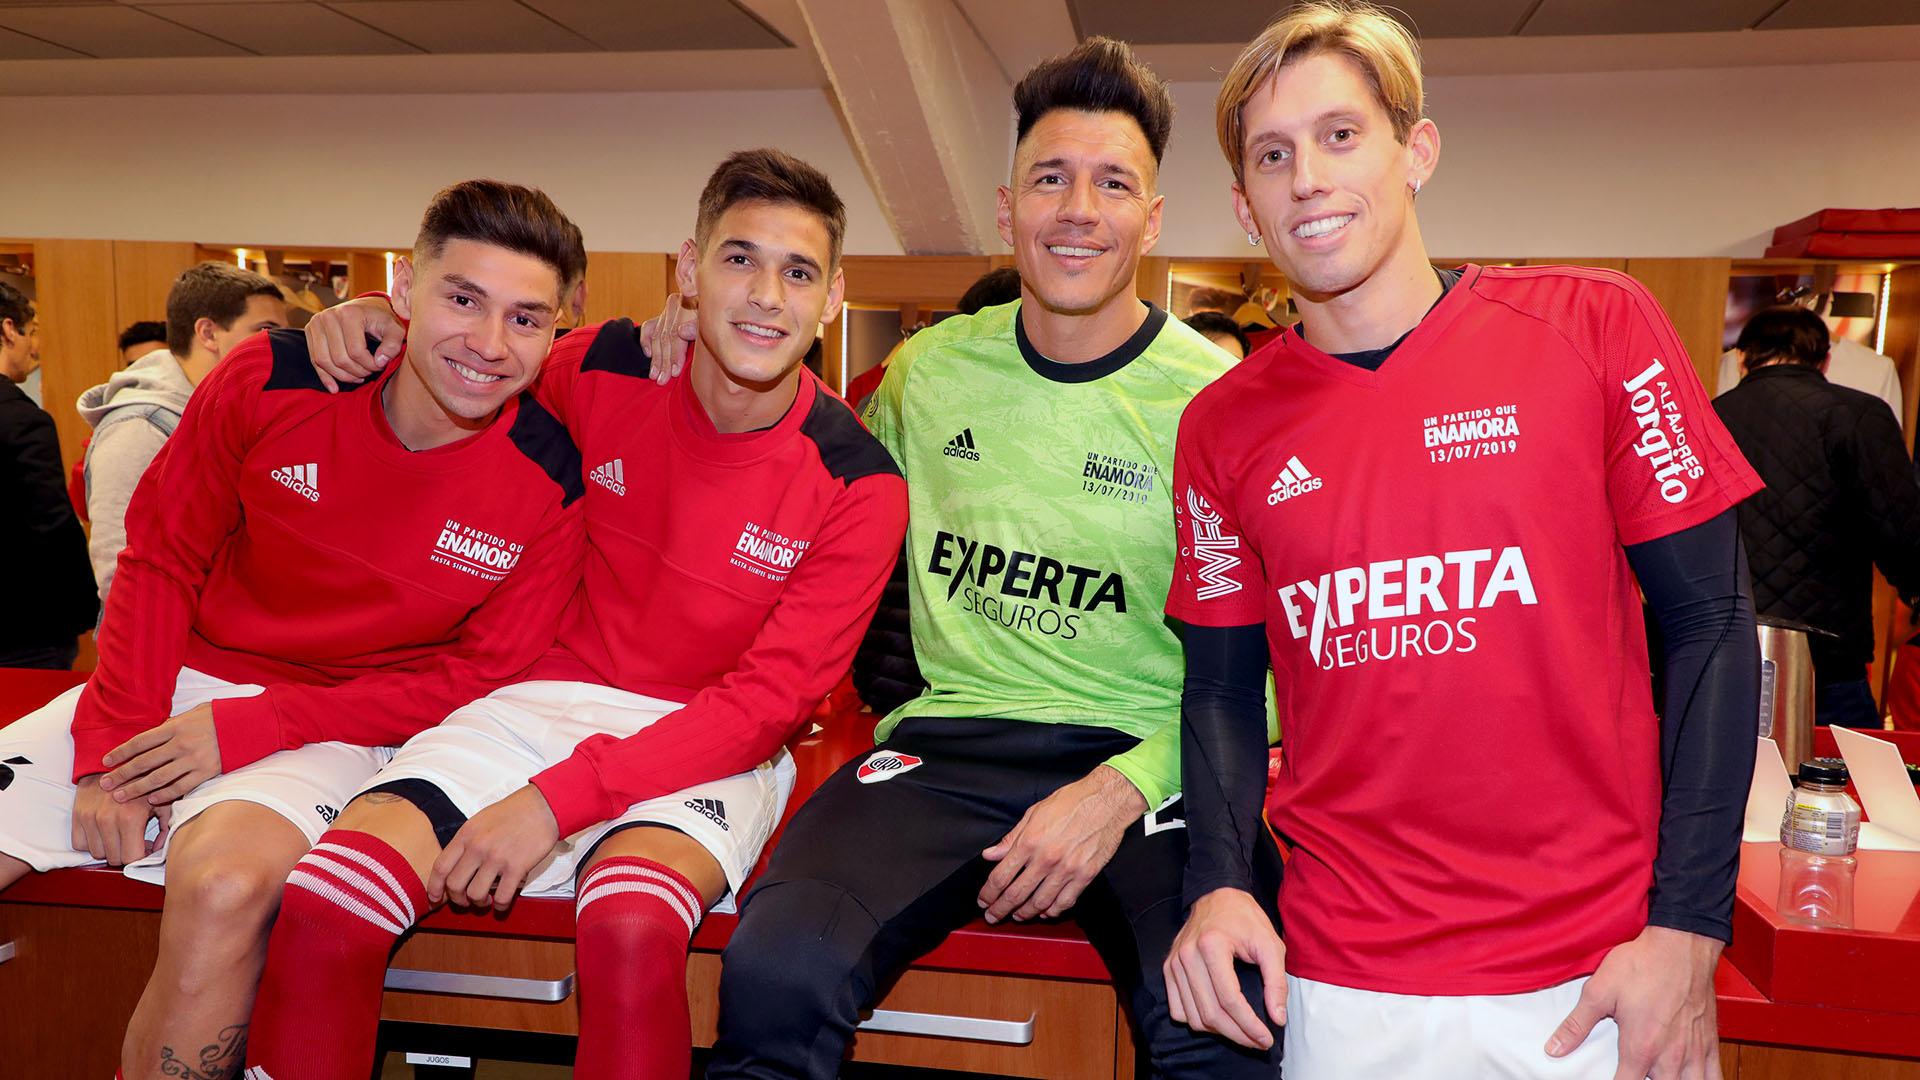 Montiel, Martínez Quarta, Bologna y Rossi en el vestuario antes de que inicie la despedida